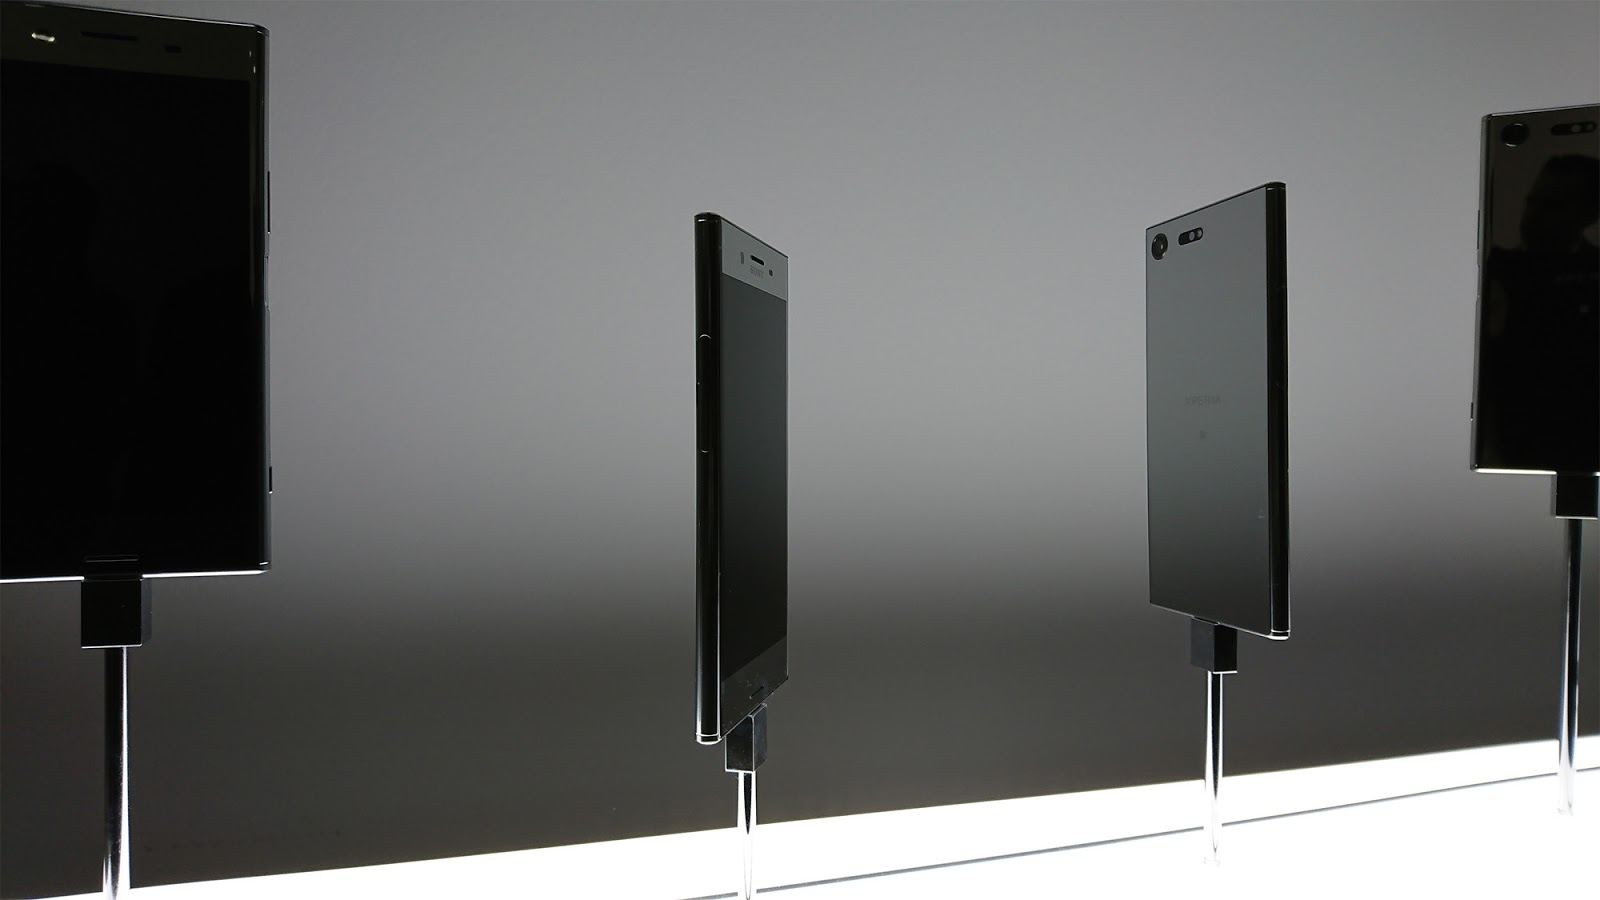 تعرف على هواتف سونى Sony التى سـ تحصل على تحديث نسخة أندرويد الجديده Android O